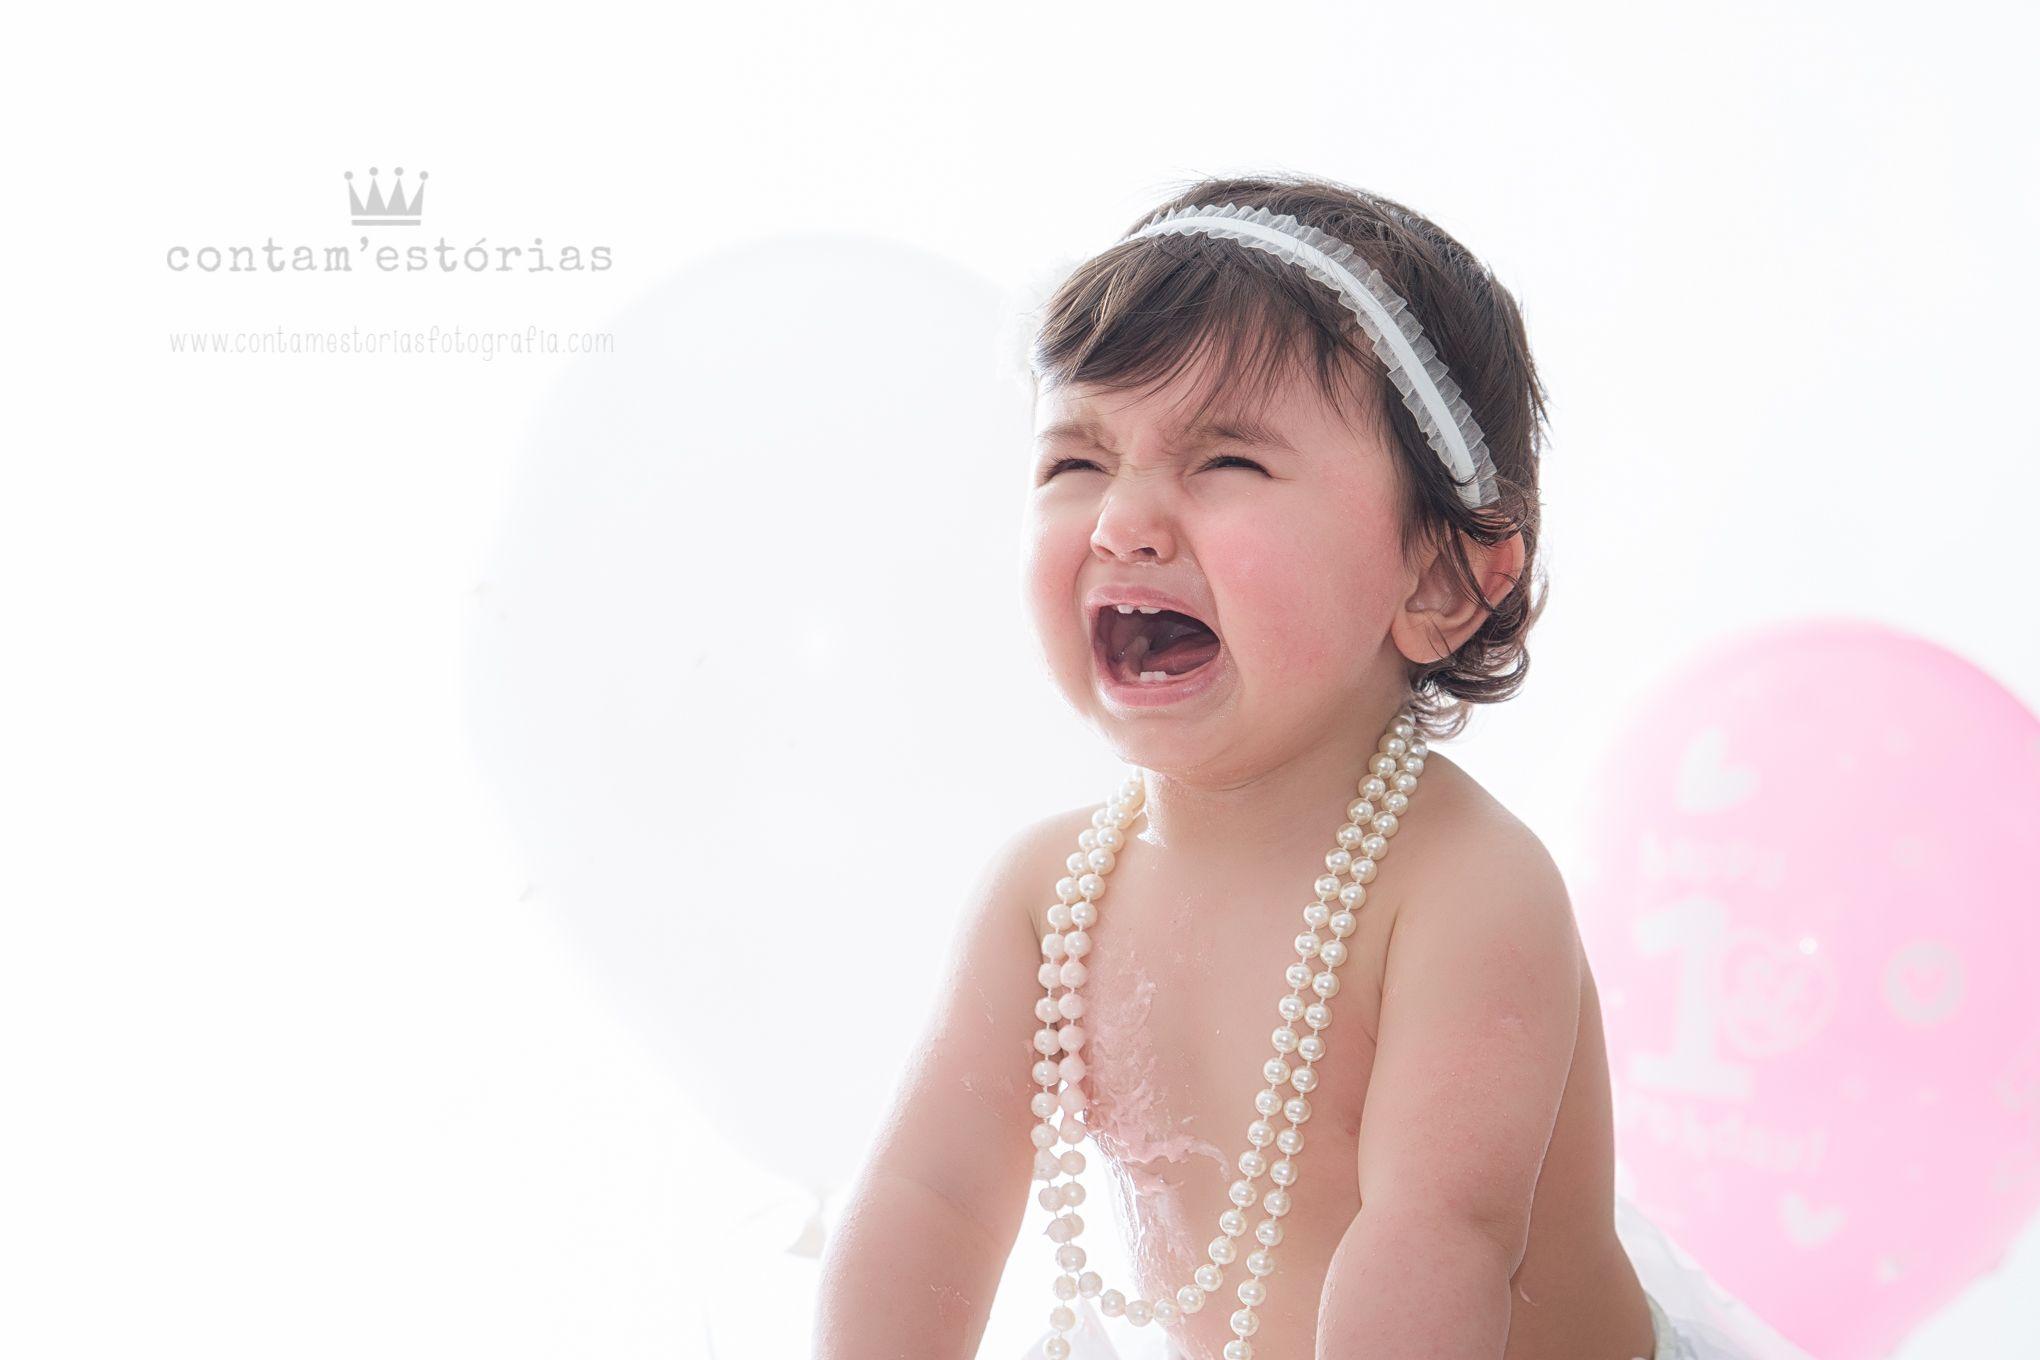 Fotografia de Bebé   Baby Photography   Contam'Estórias Fotografia  #bebé #fotografiabebé #fotografia #criança #fotografiacriança #portofotografia #primeiroano #smashthecake #contamestorias #baby #babyphotography #child #childphotography #firstyear